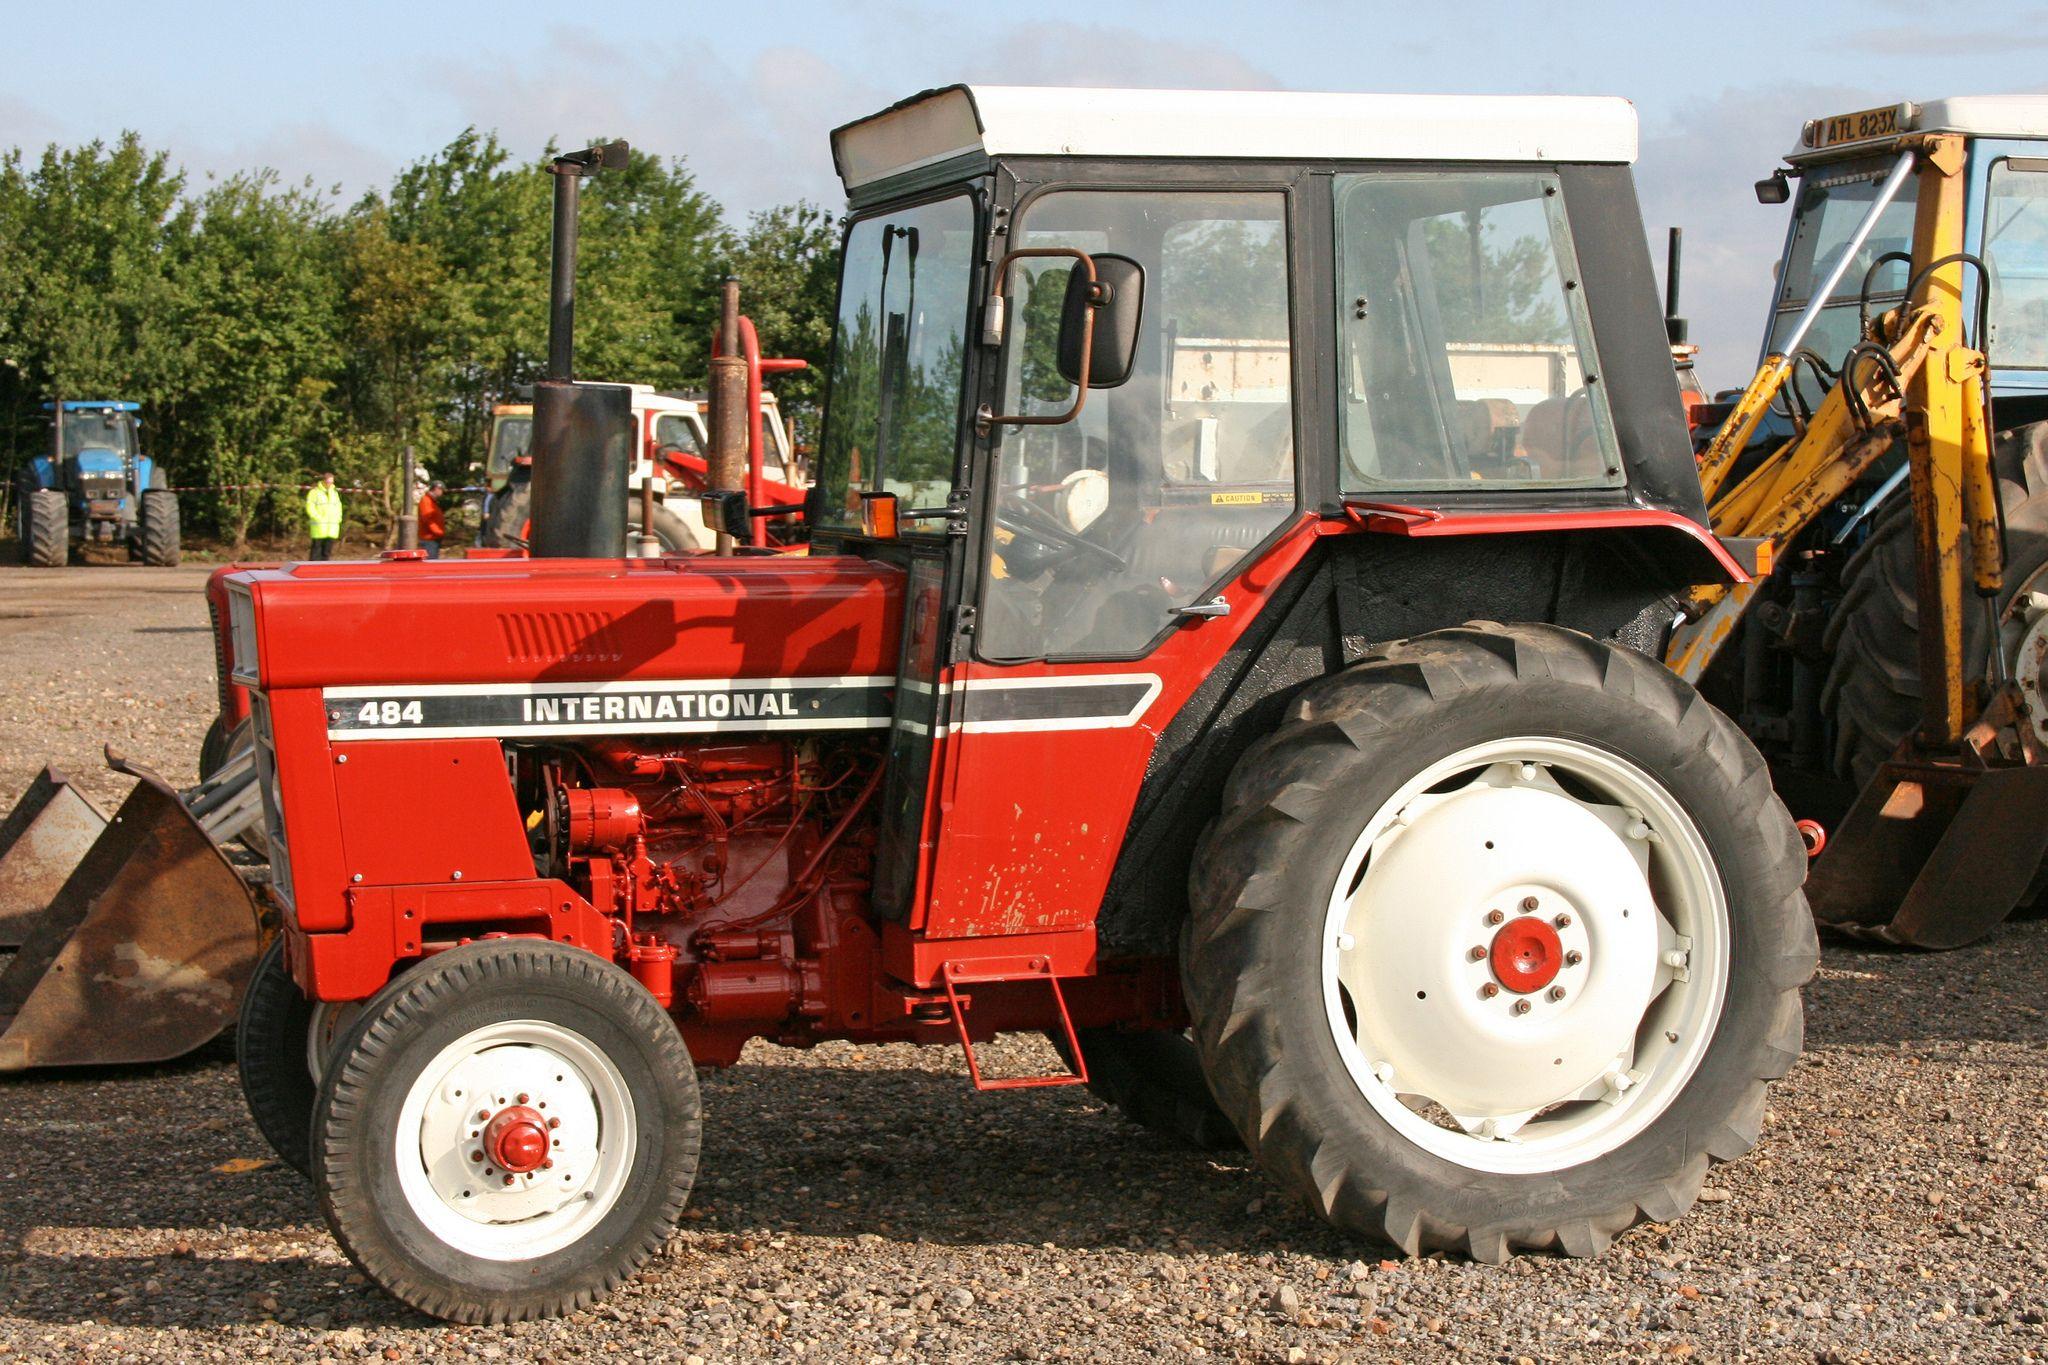 International 484 Tractor Tractors Repair Manuals Repair